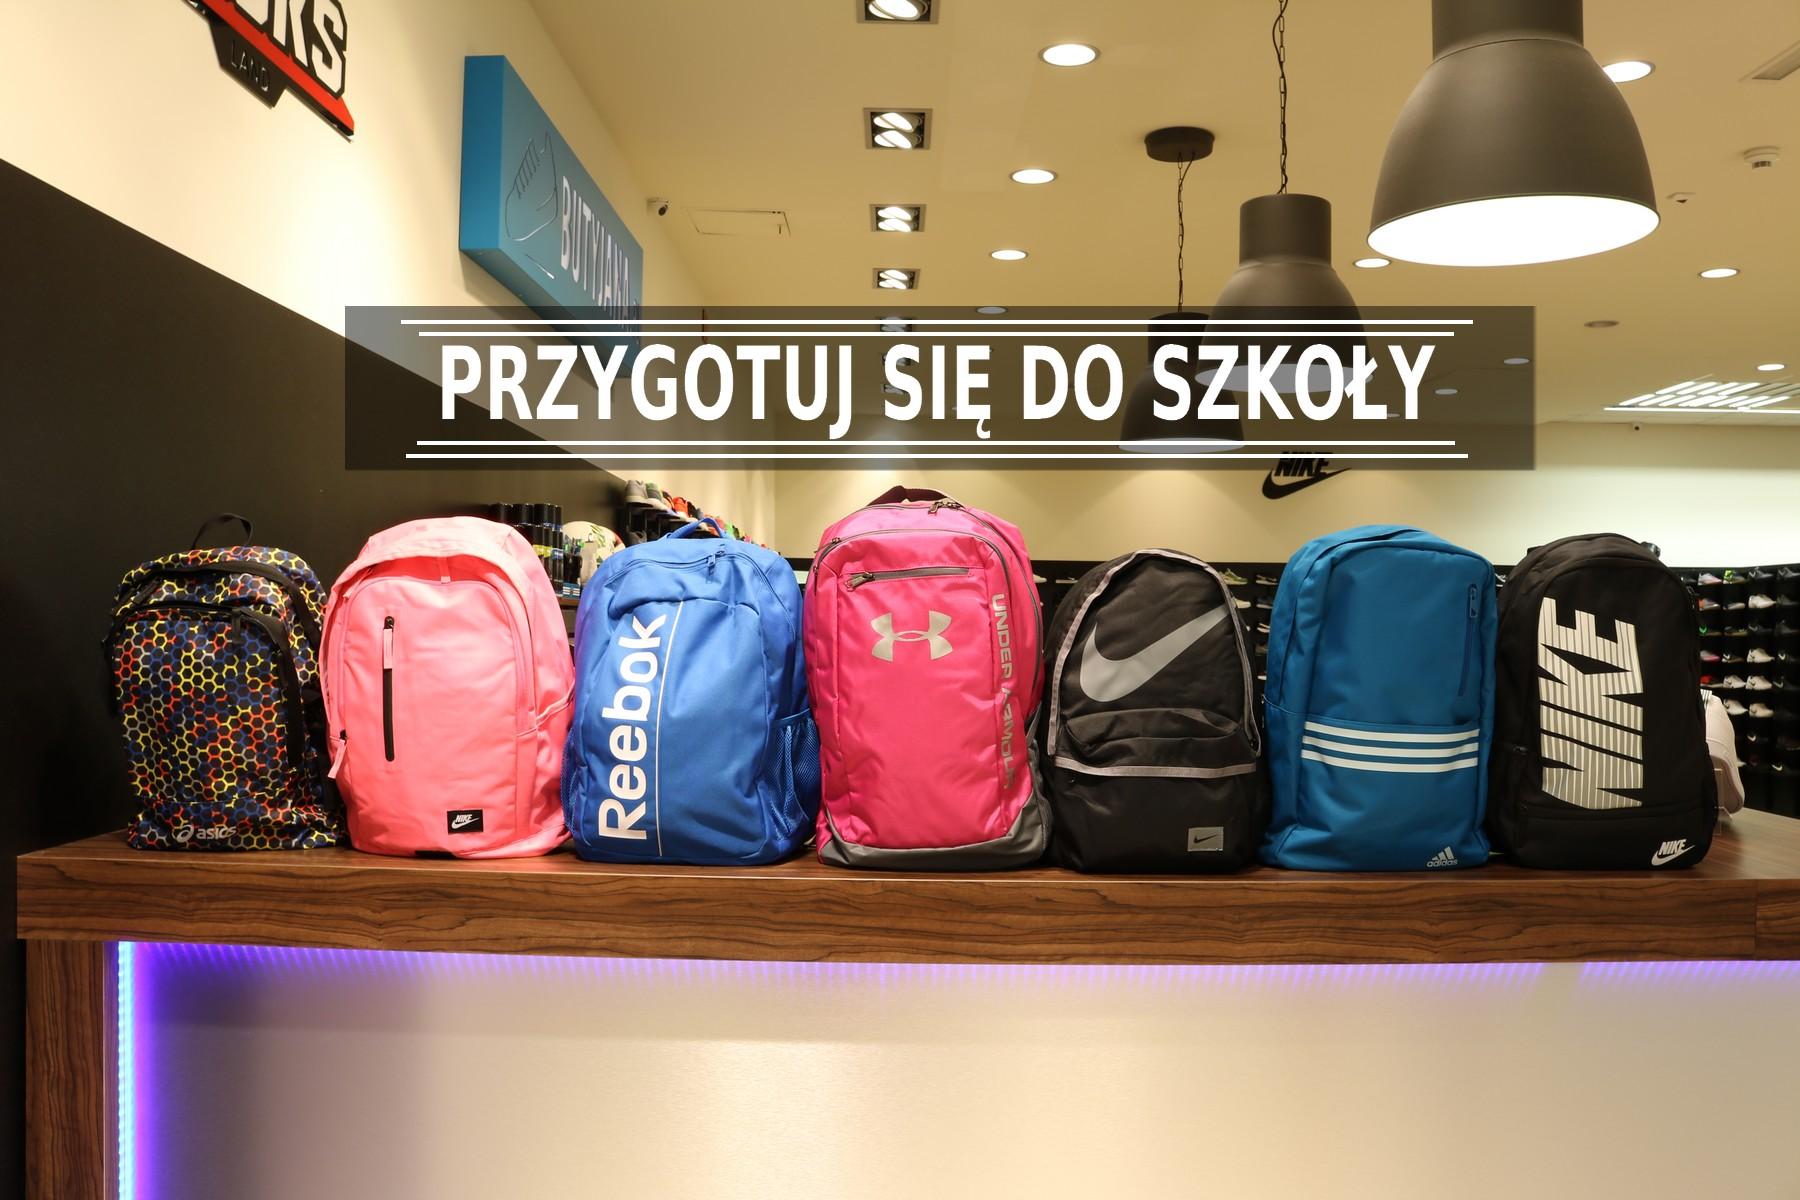 plecaki nike adidas reebok do szkoły - sklep butyjana